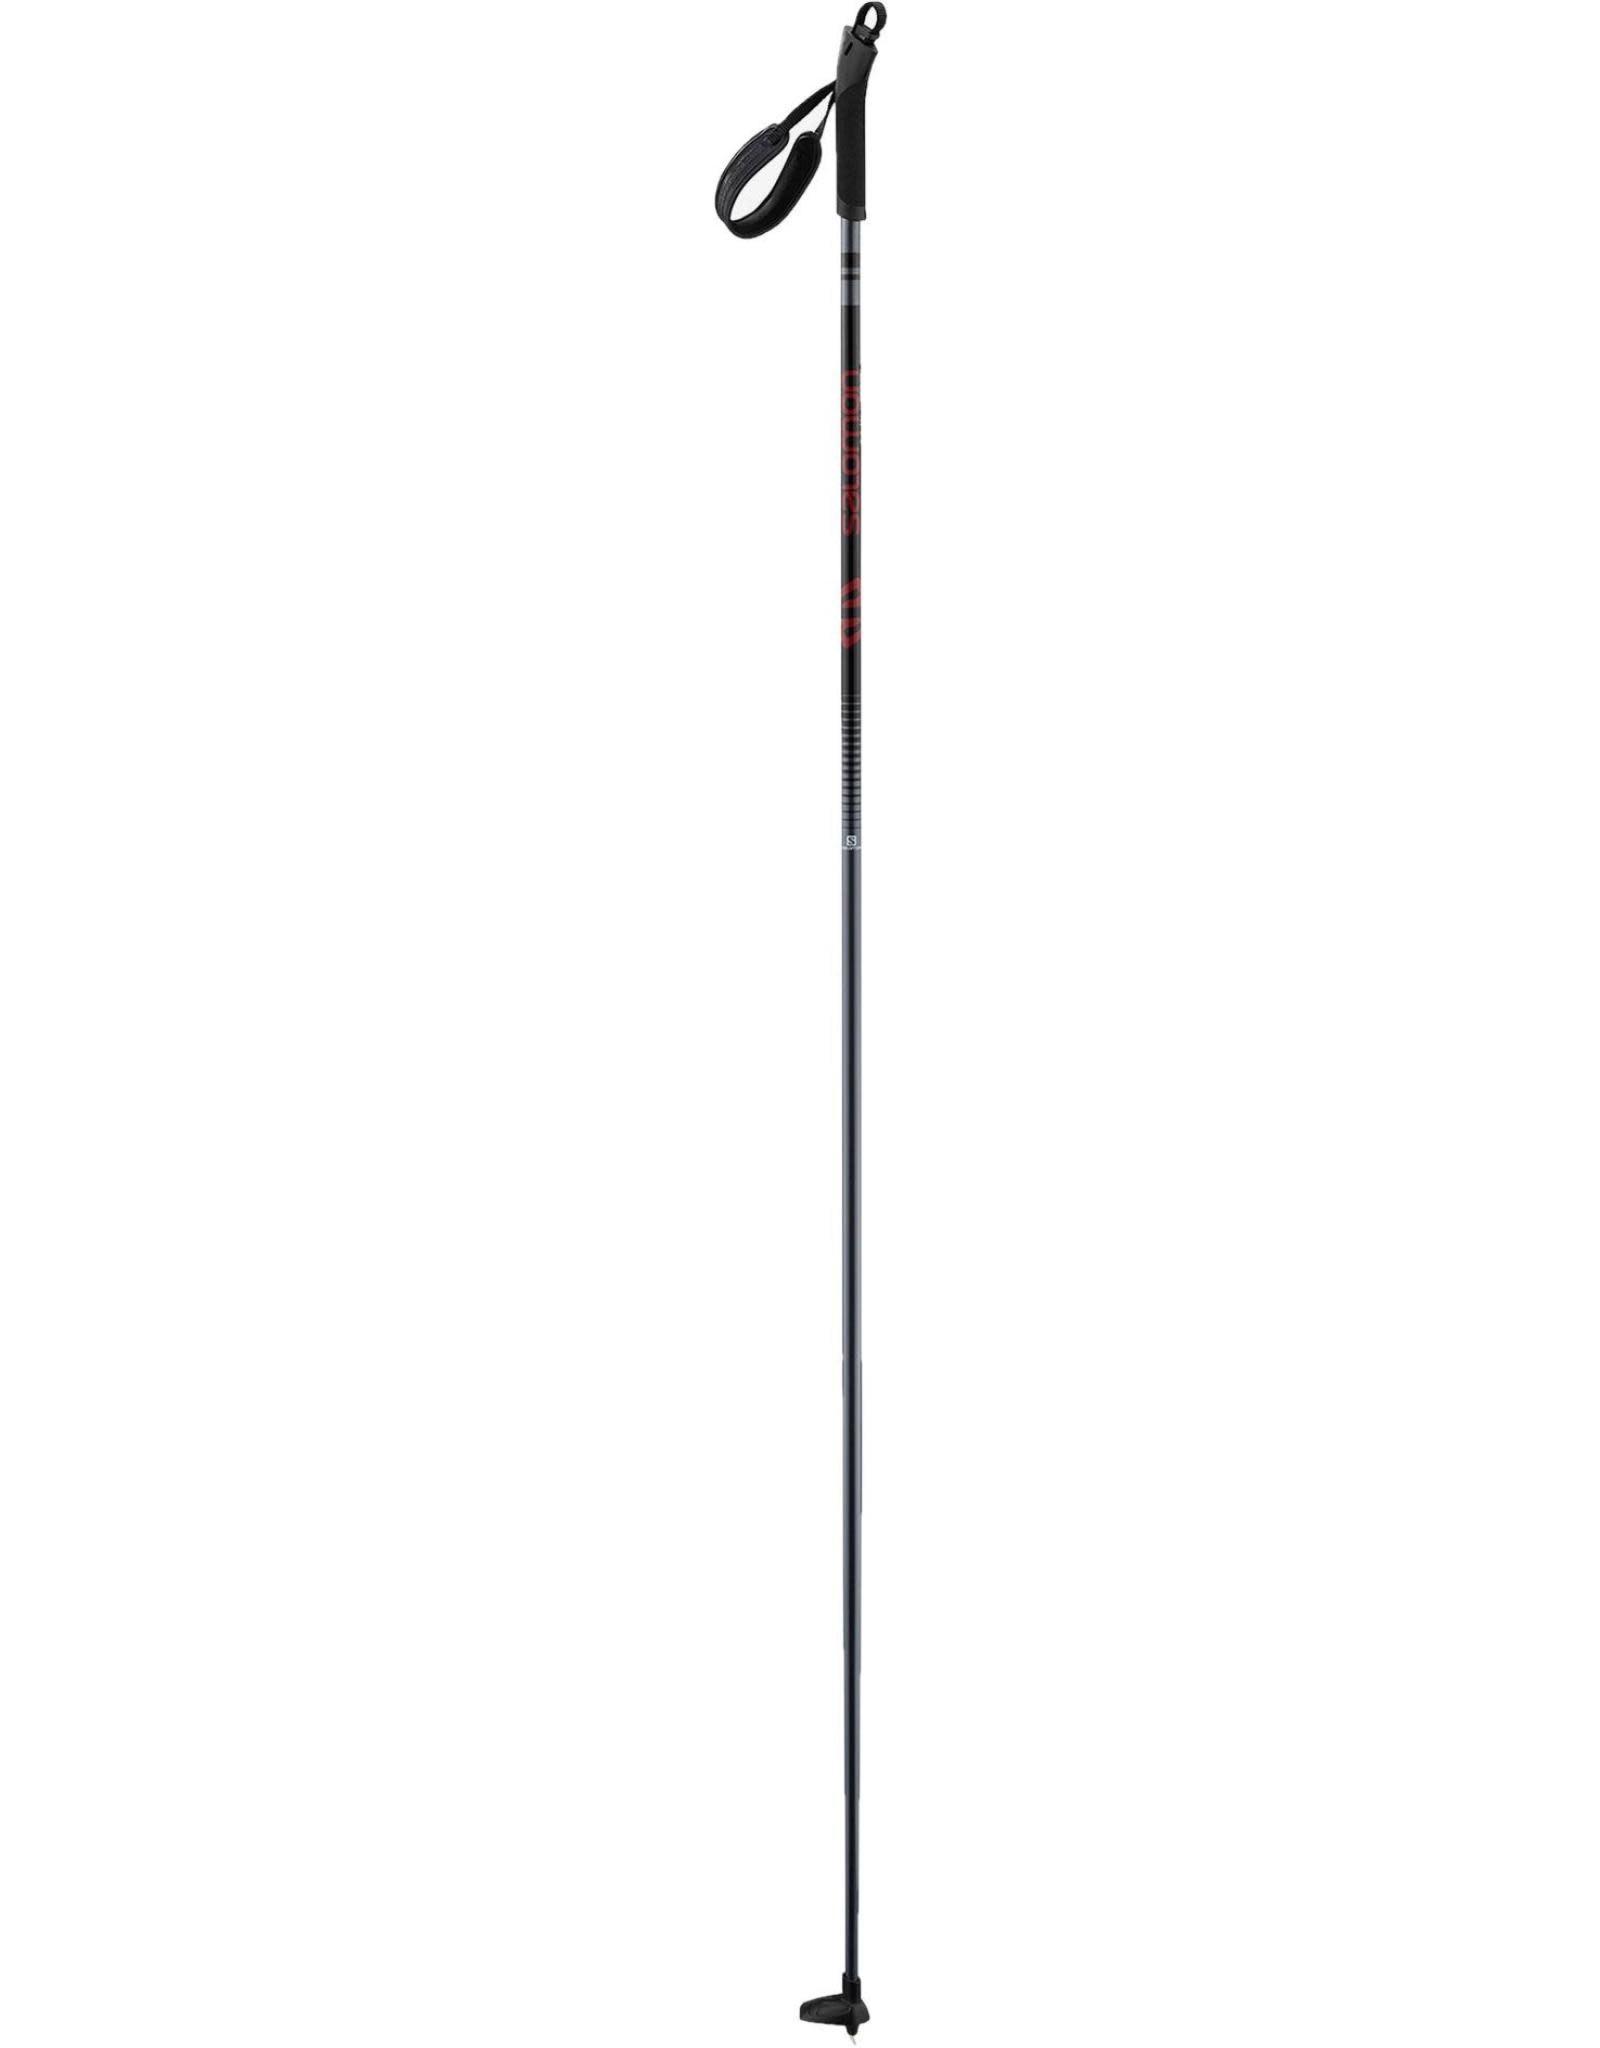 Salomon Salomon Escape Pole